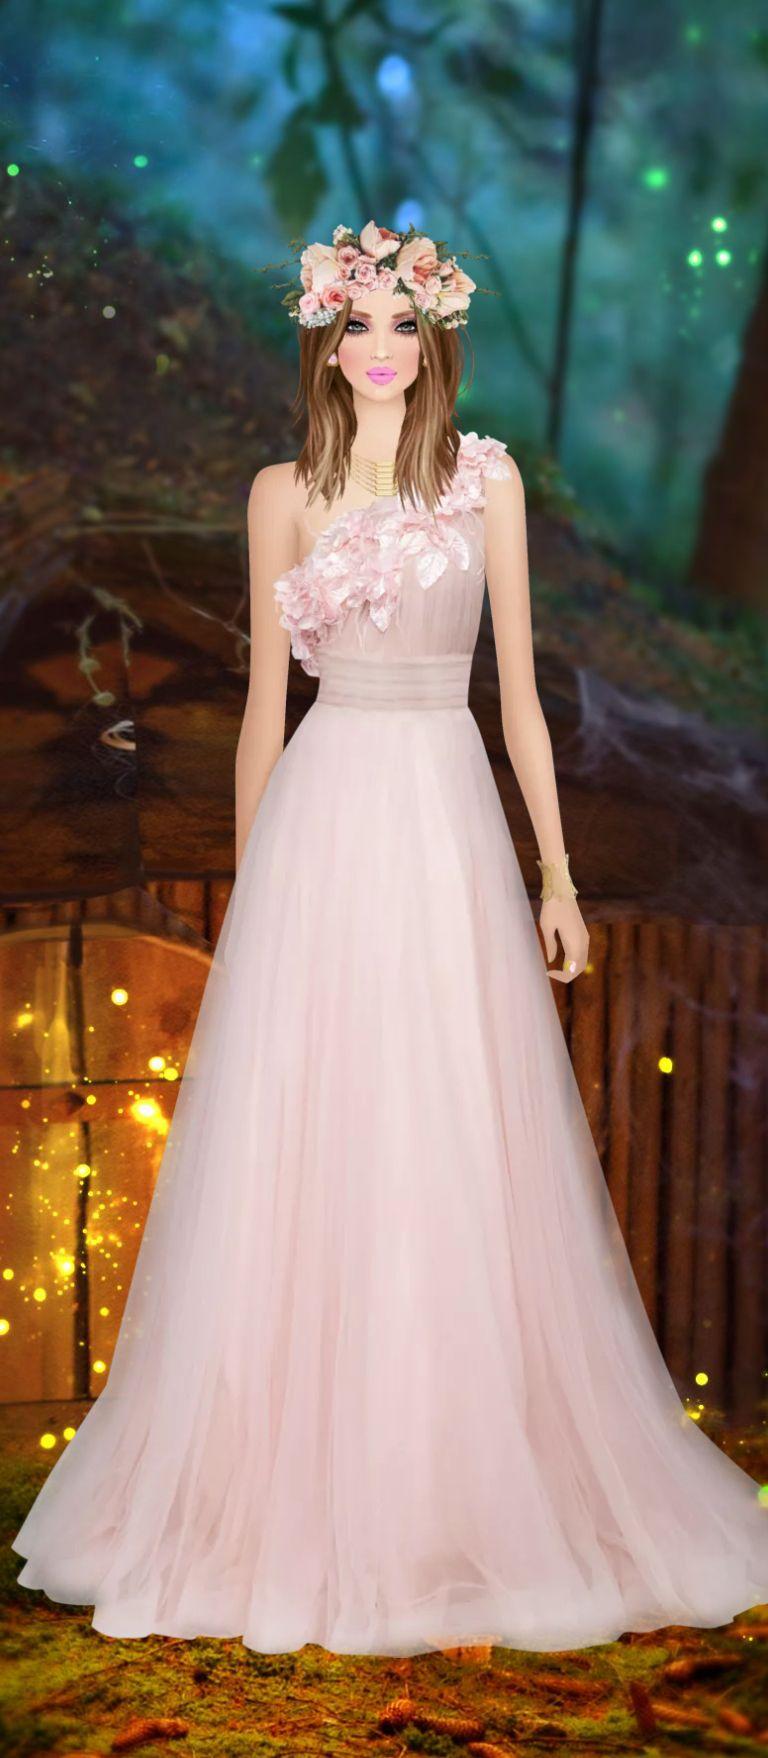 Far Village Flower Girl Dresses Covet Fashion Games Girls Dresses